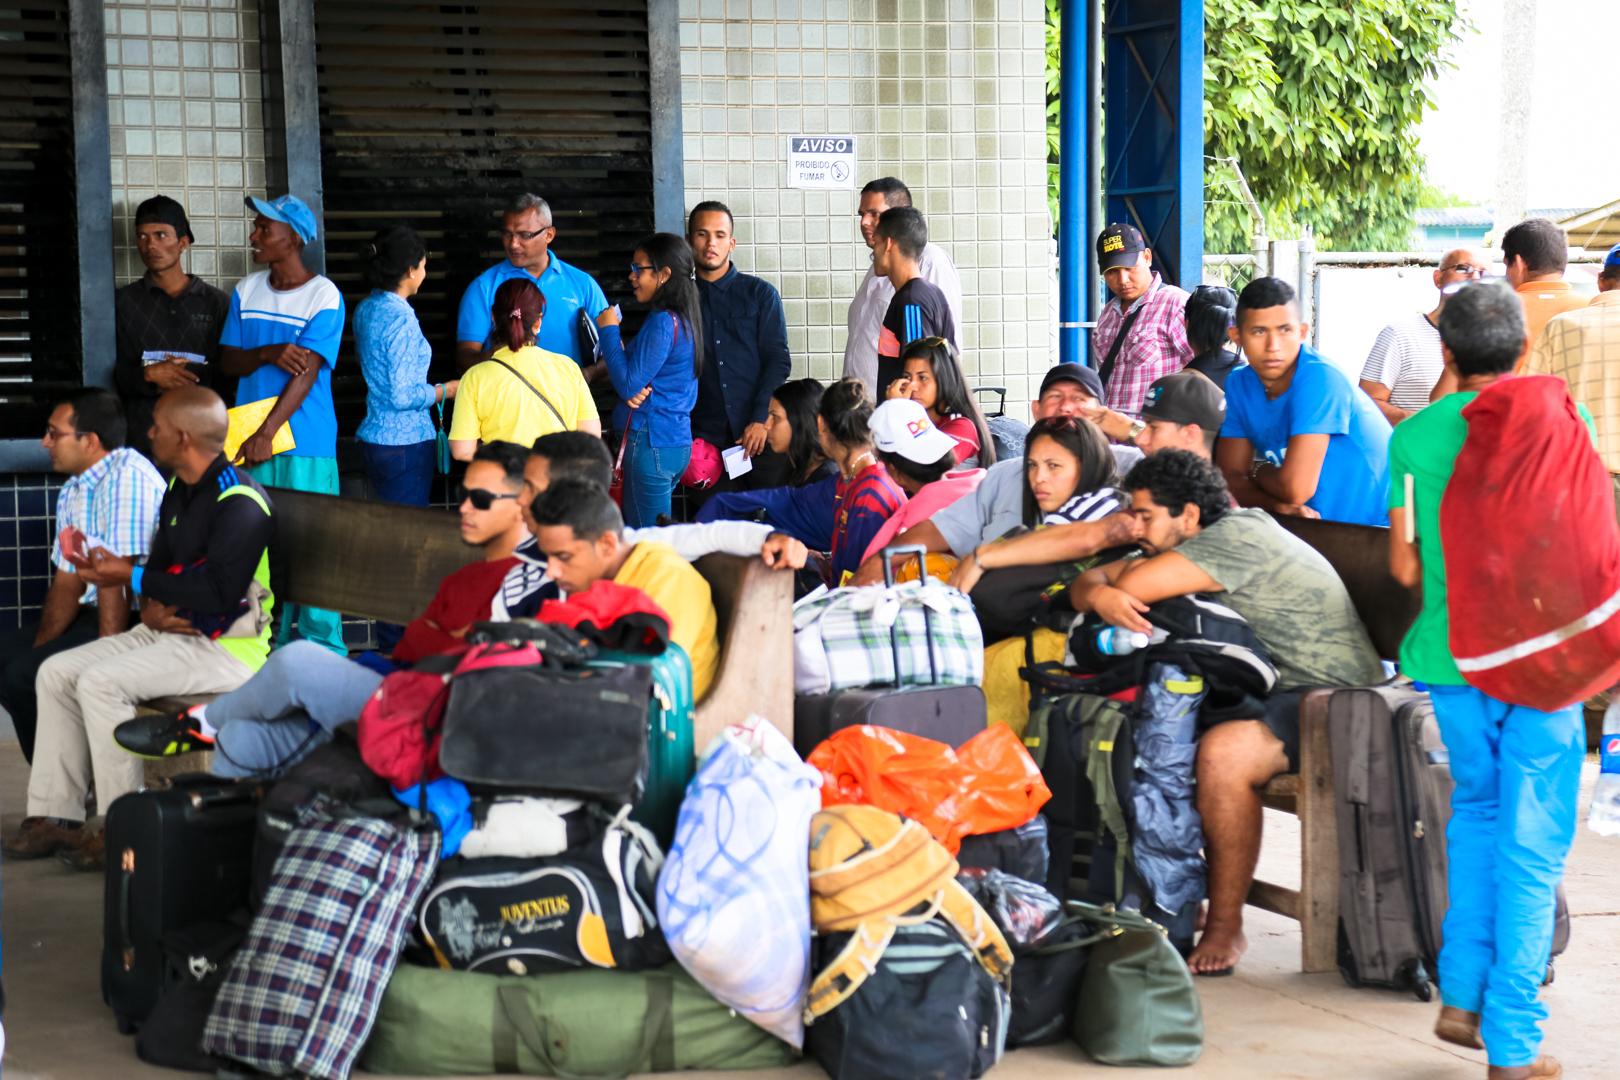 Migrantes venezuelanos aguardam na fronteira, em Pacaraima (RR). (Foto: Leonardo Medeiros)